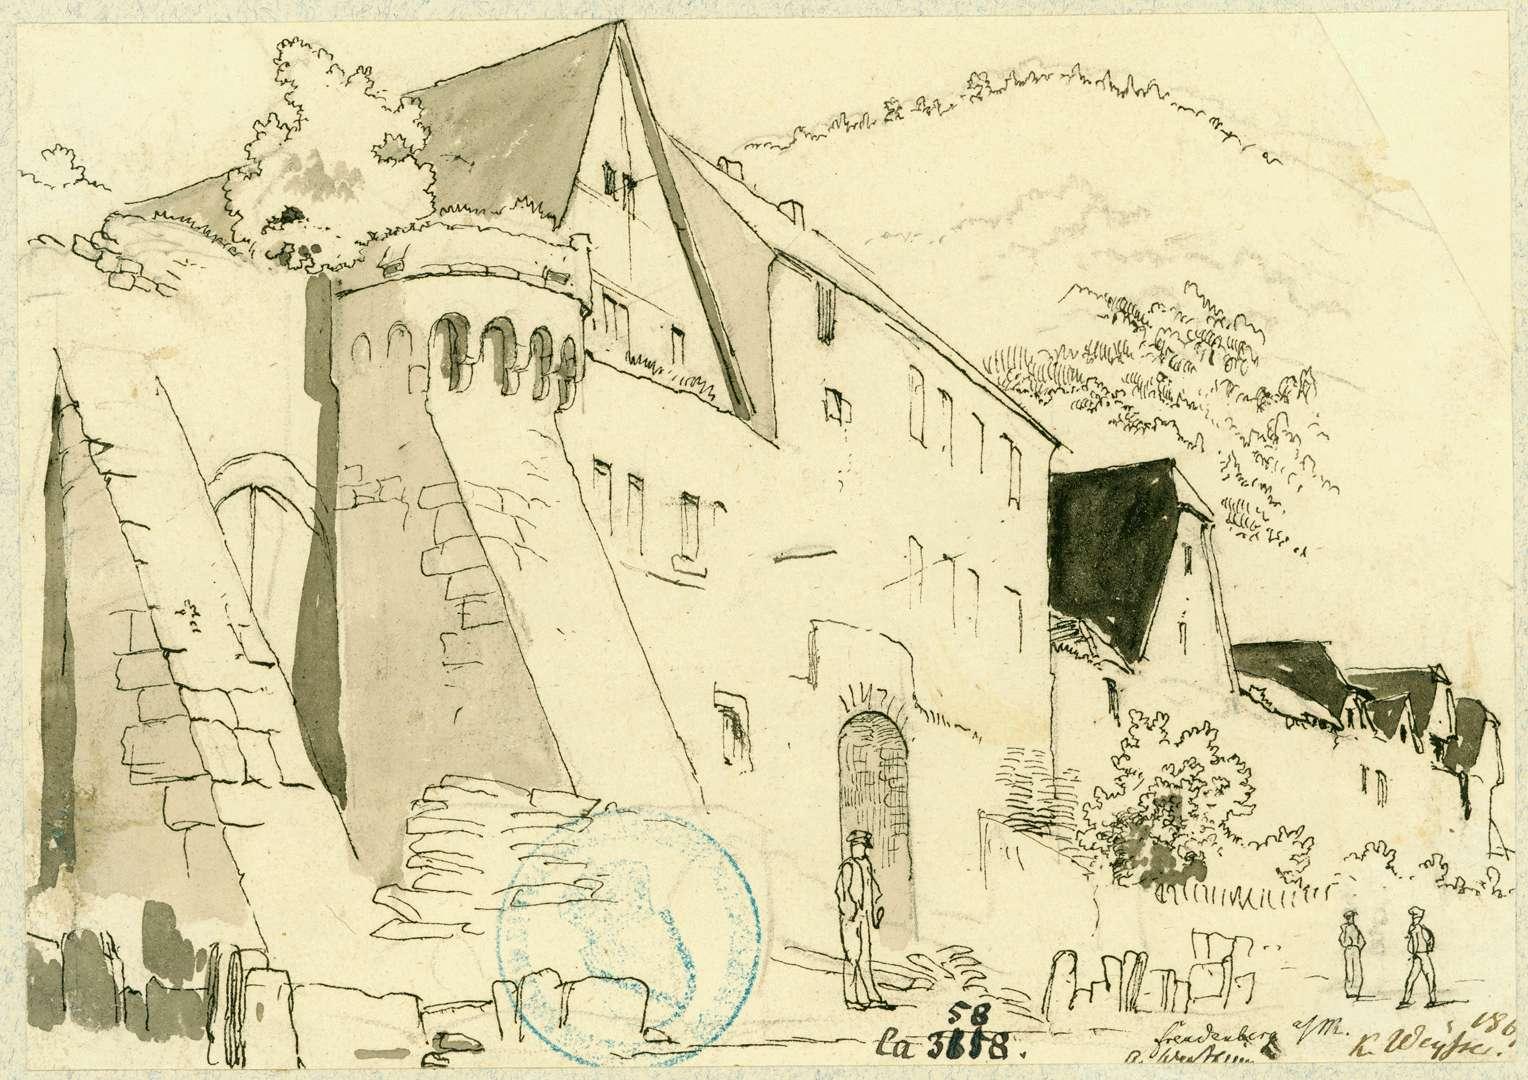 Freudenberg Stadtmauer mit Stützpfeiler, Mainseite, Bild 1